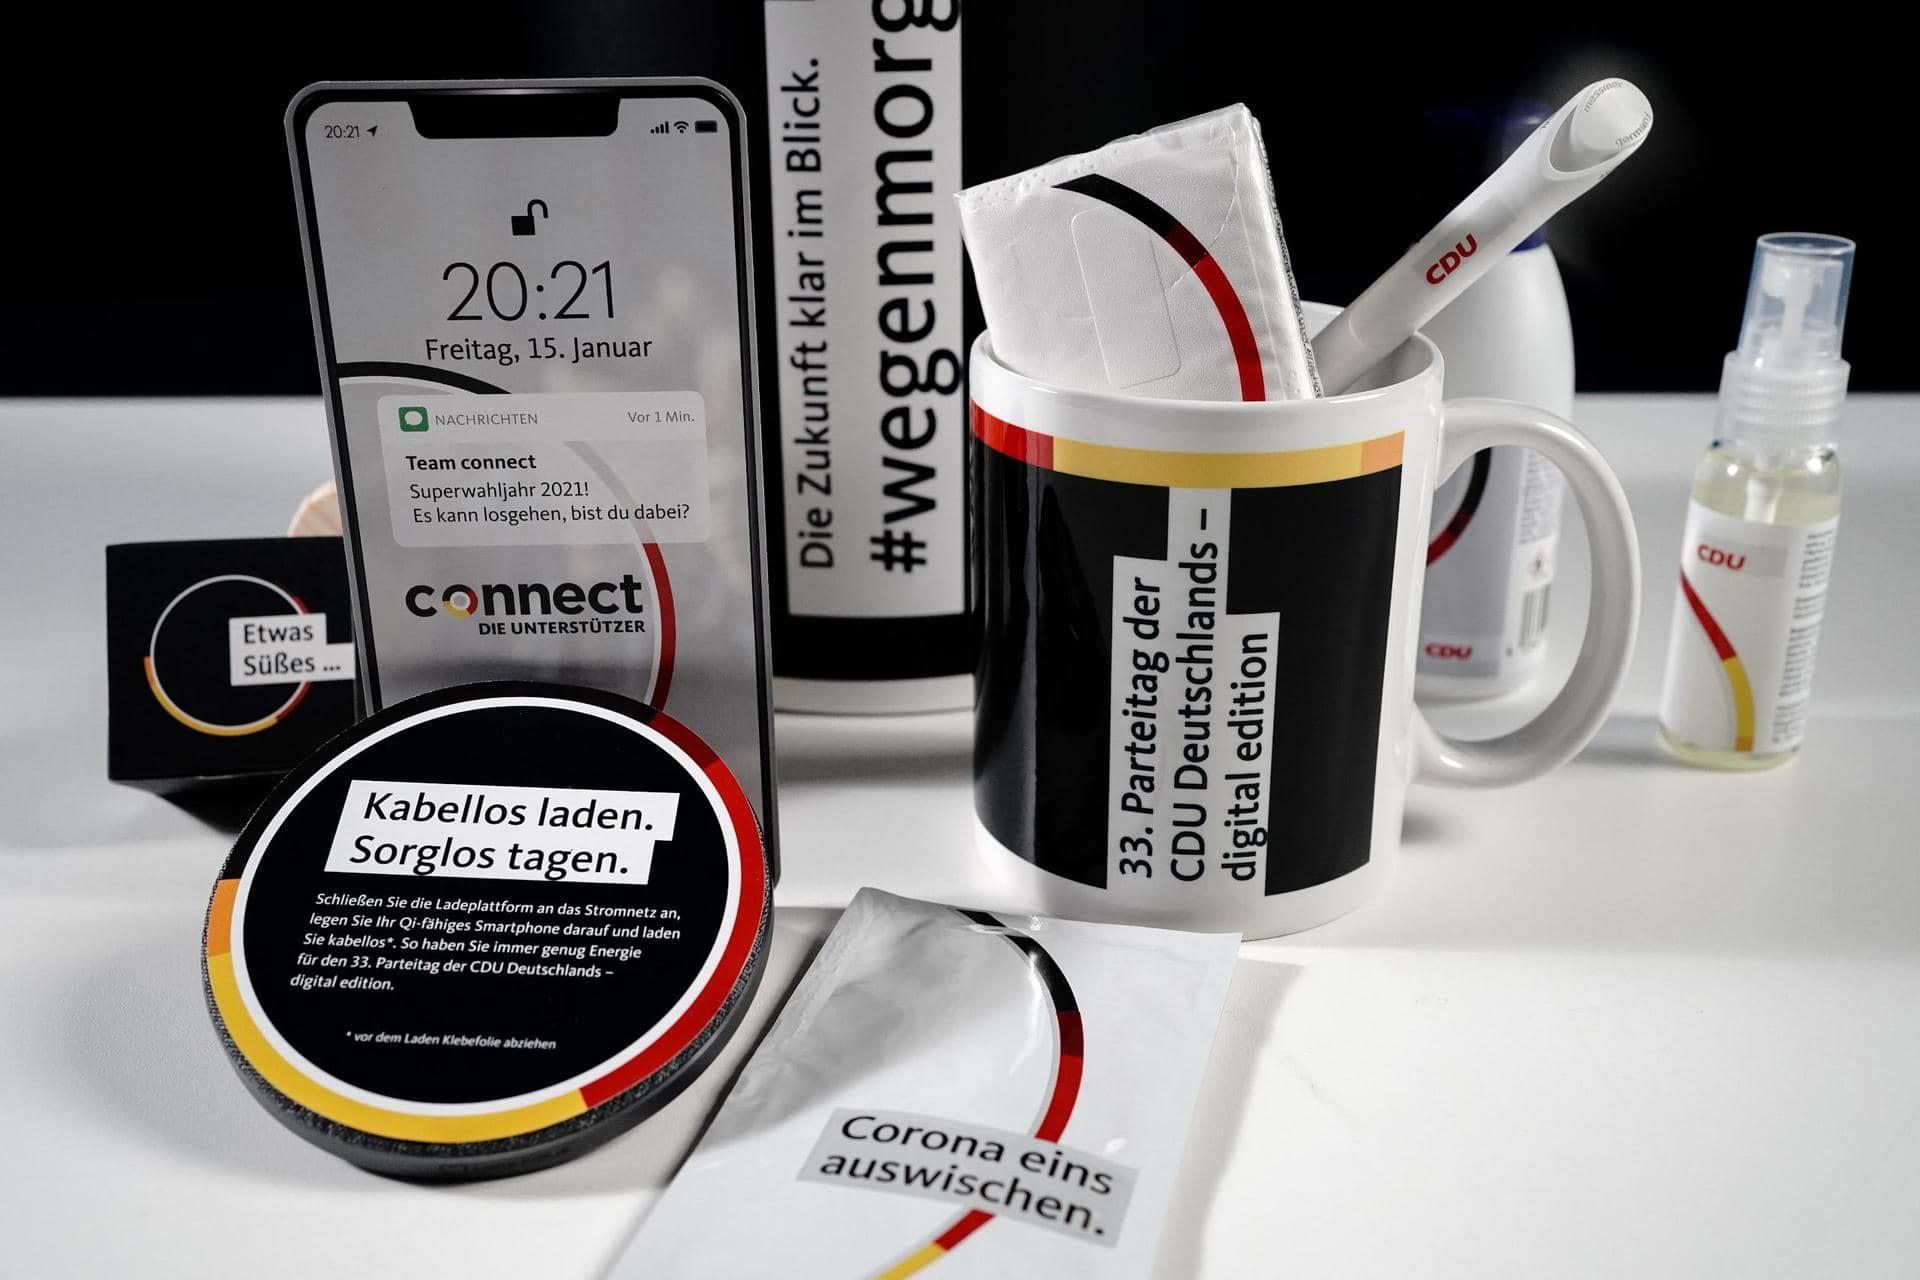 CDU-Gremien bereiten digitalen Wahlparteitag vor Wer wird neuer Parteichef?